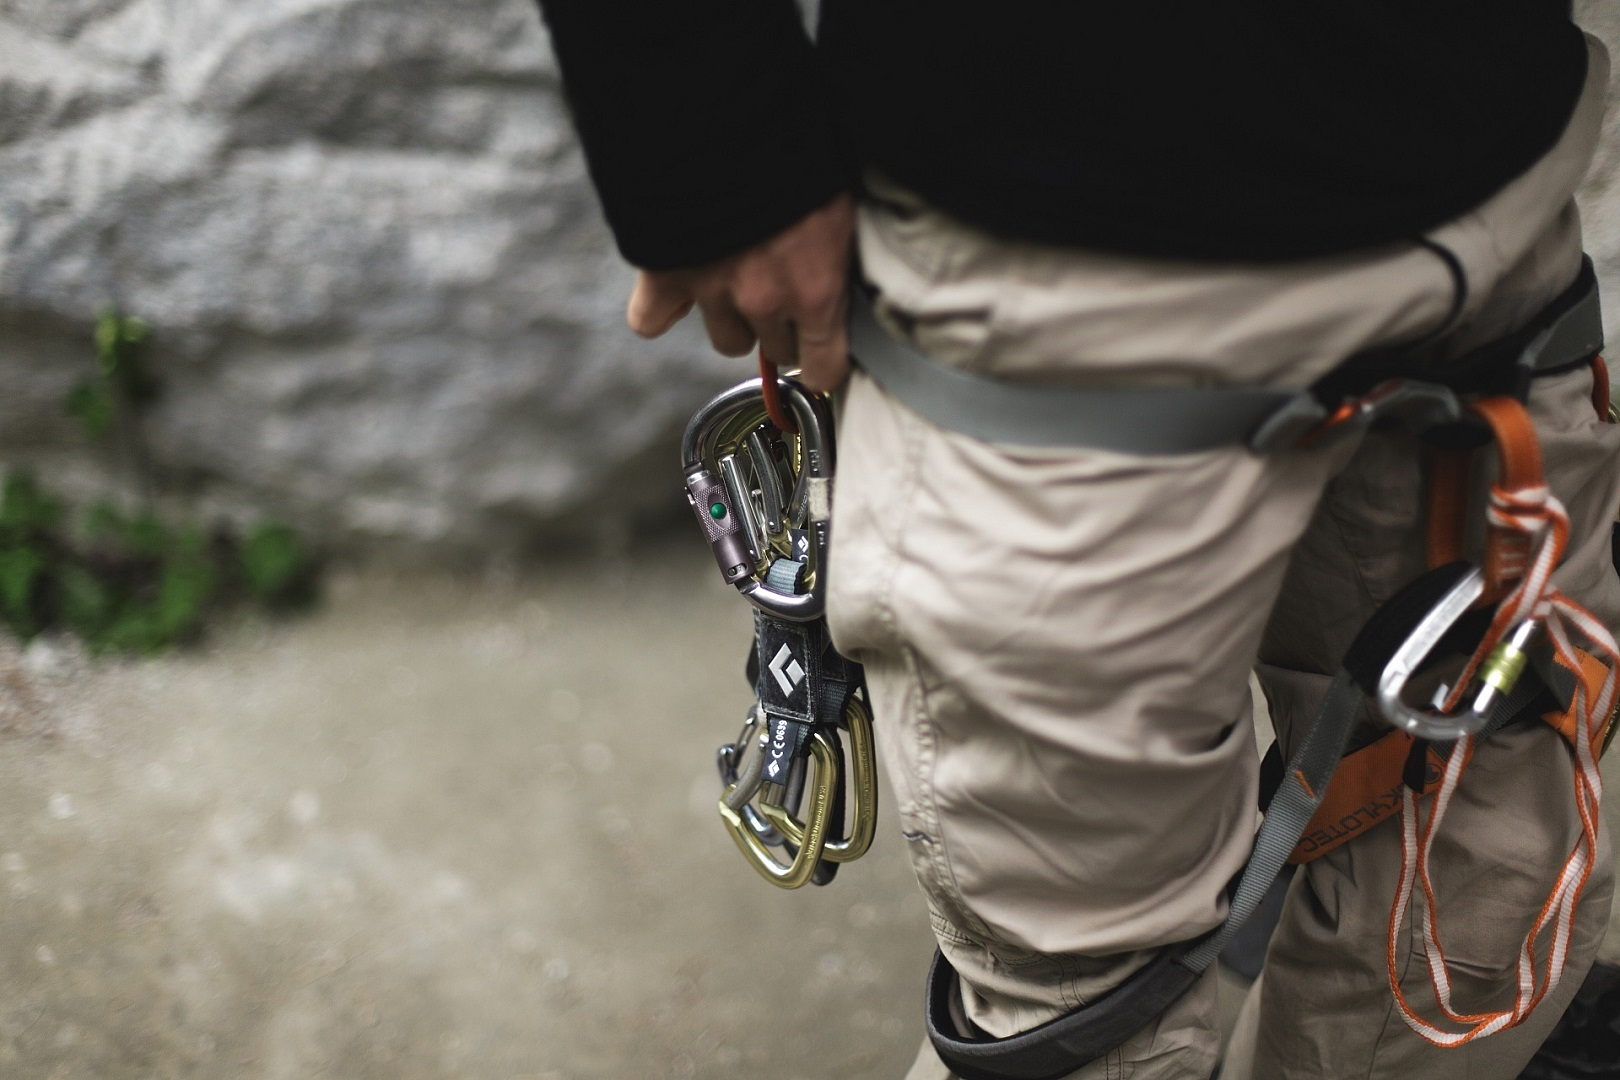 Kletterausrüstung Tipps : Das der kletterausrüstung